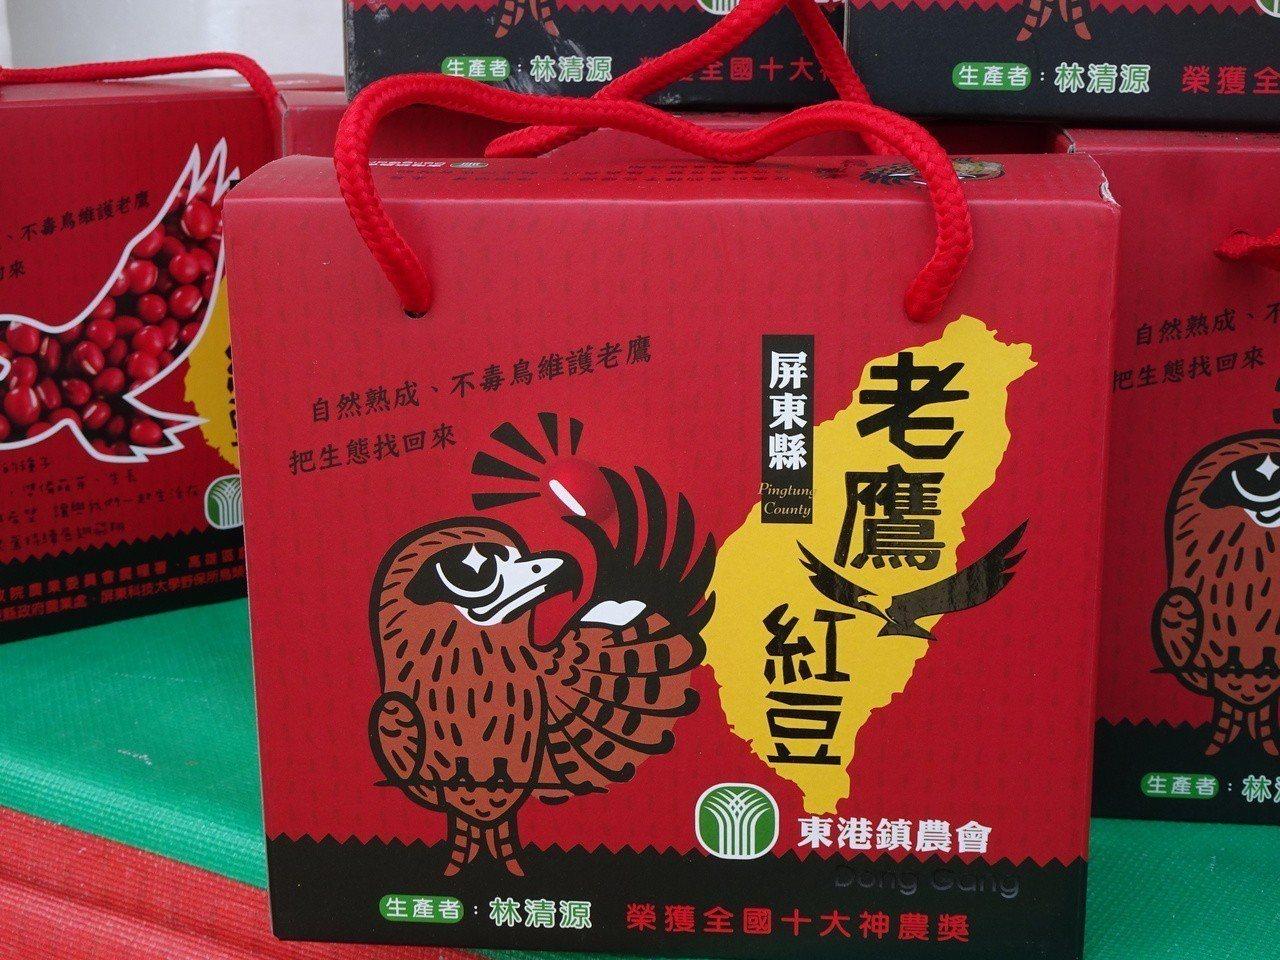 「老鷹紅豆」經第三方驗證公司在生產流程及用藥安全上把關,提供消費者安全安心的產銷...